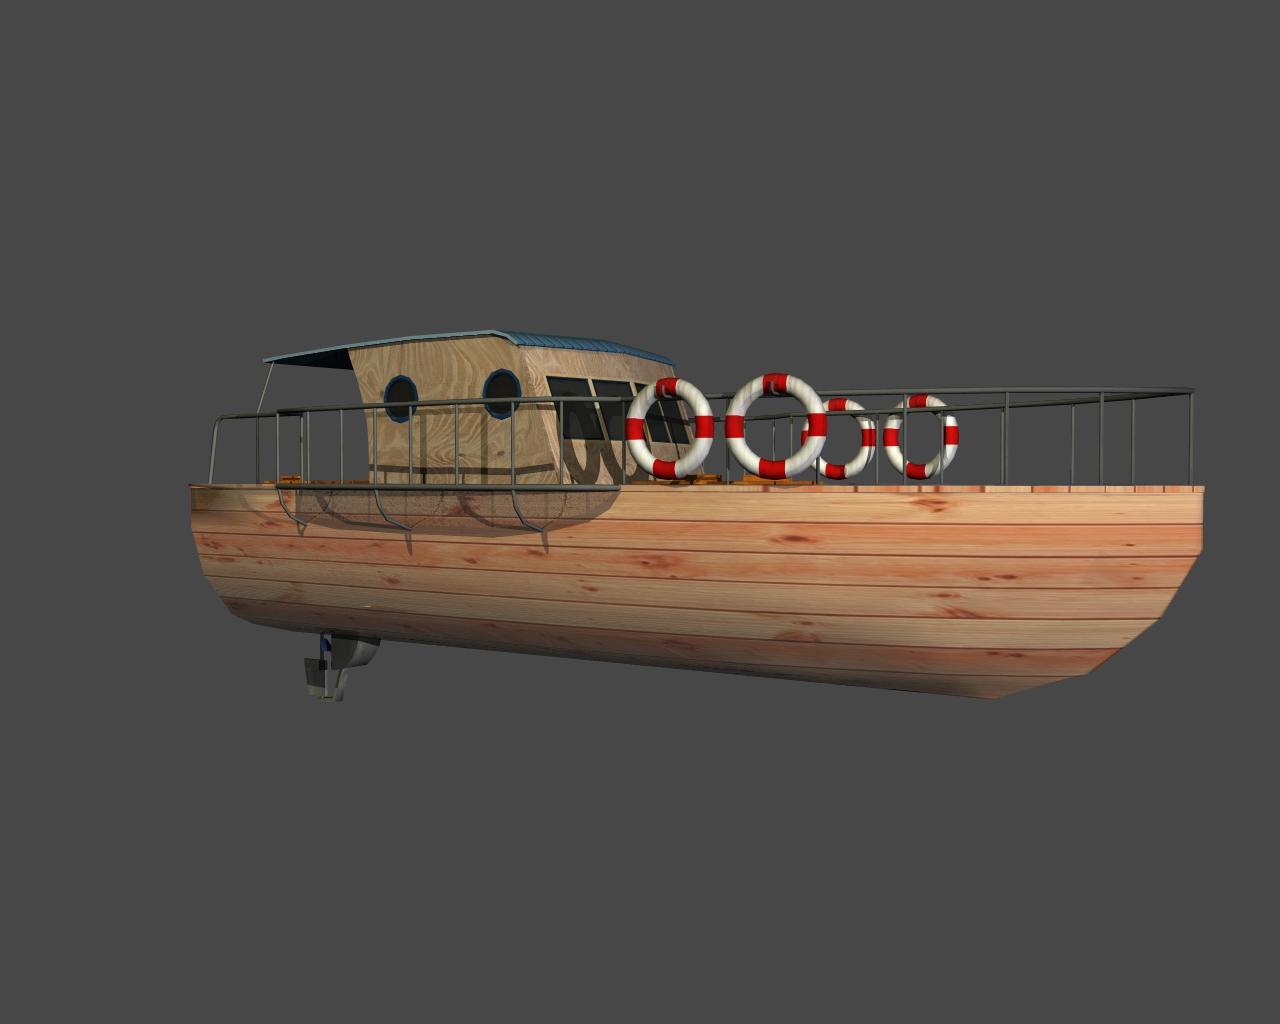 jauns laiva 3d 3ds 165412